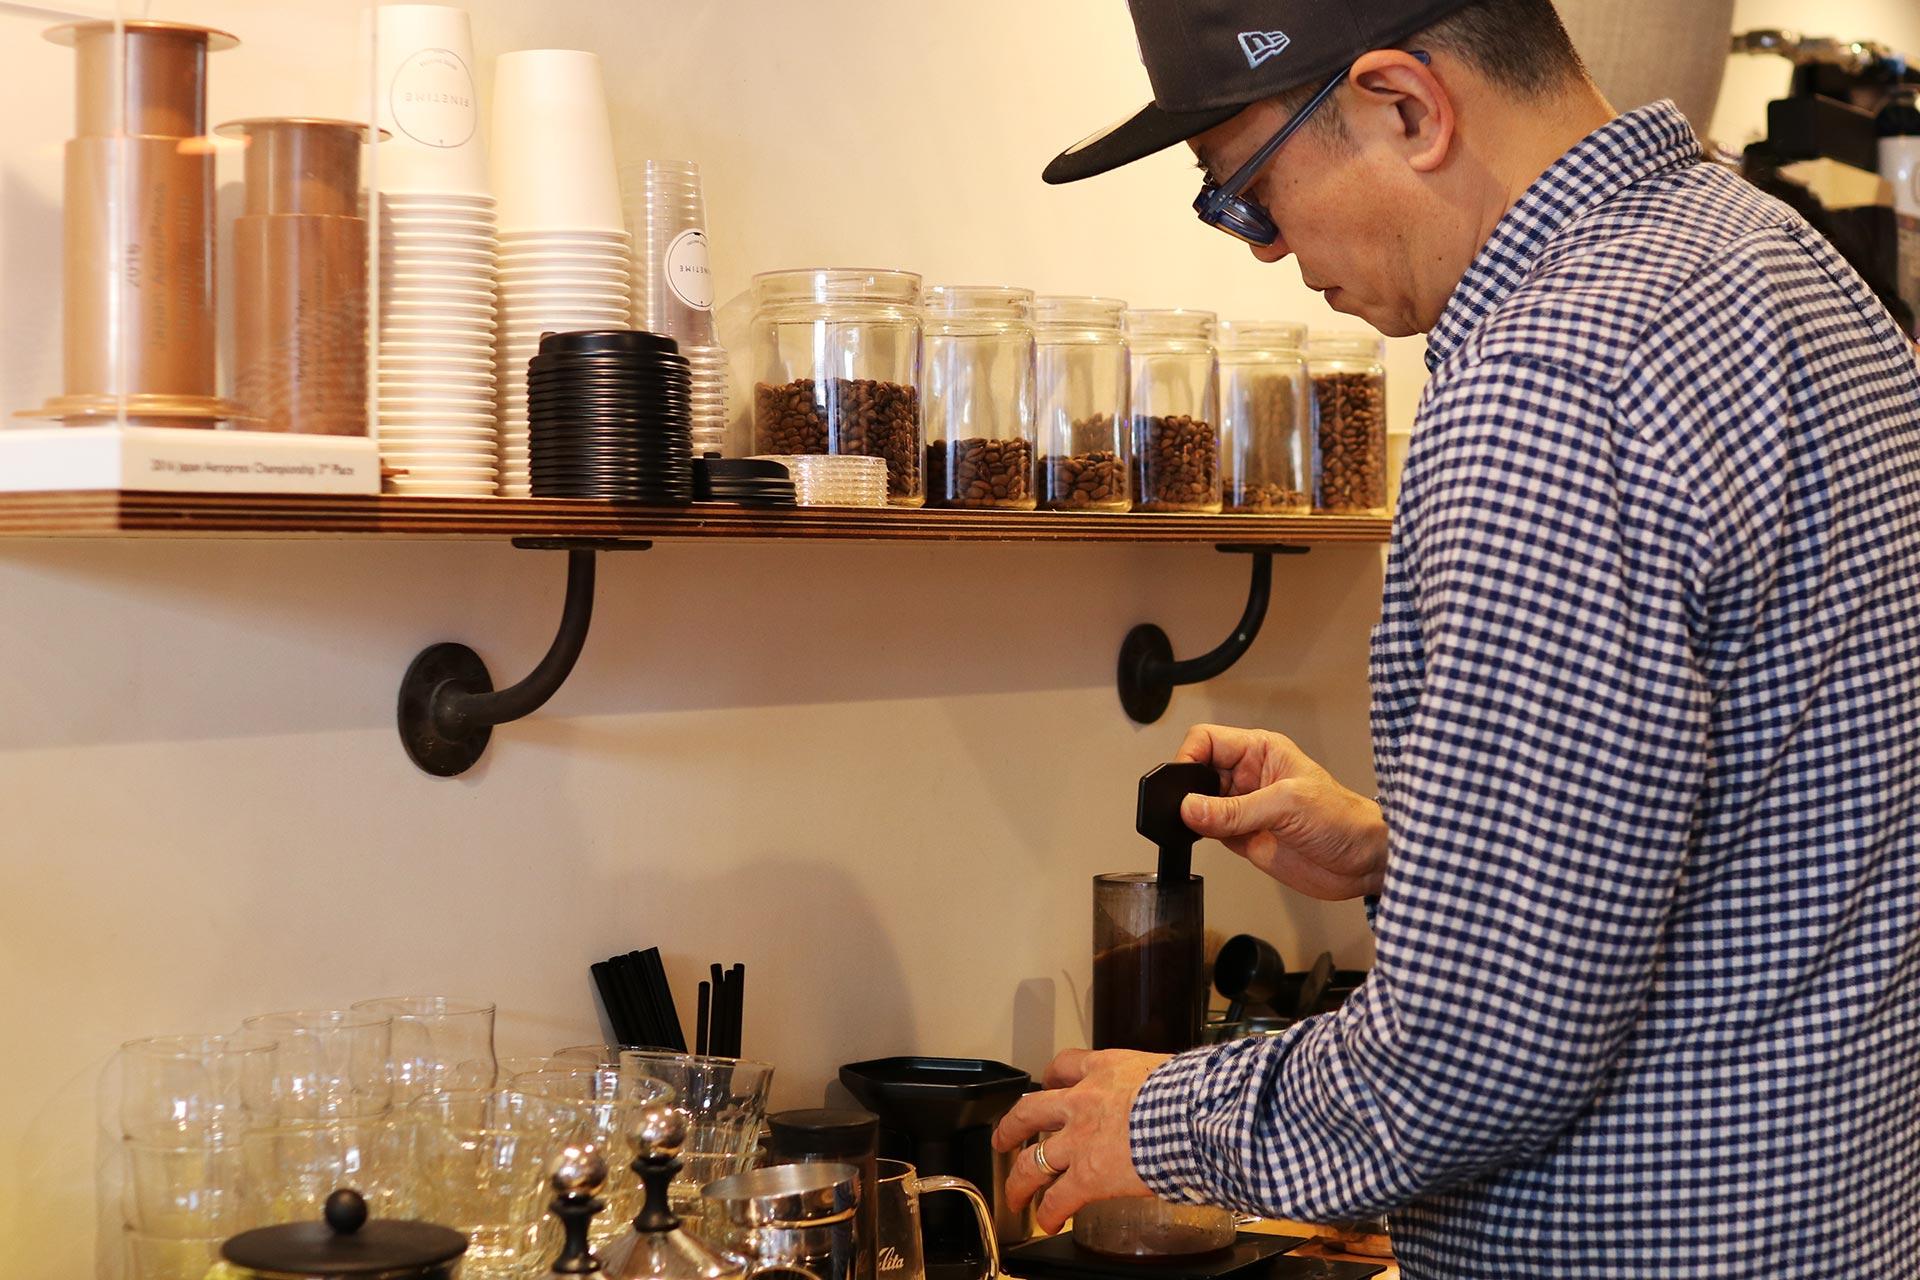 FINETIME COFFEE ROASTERS